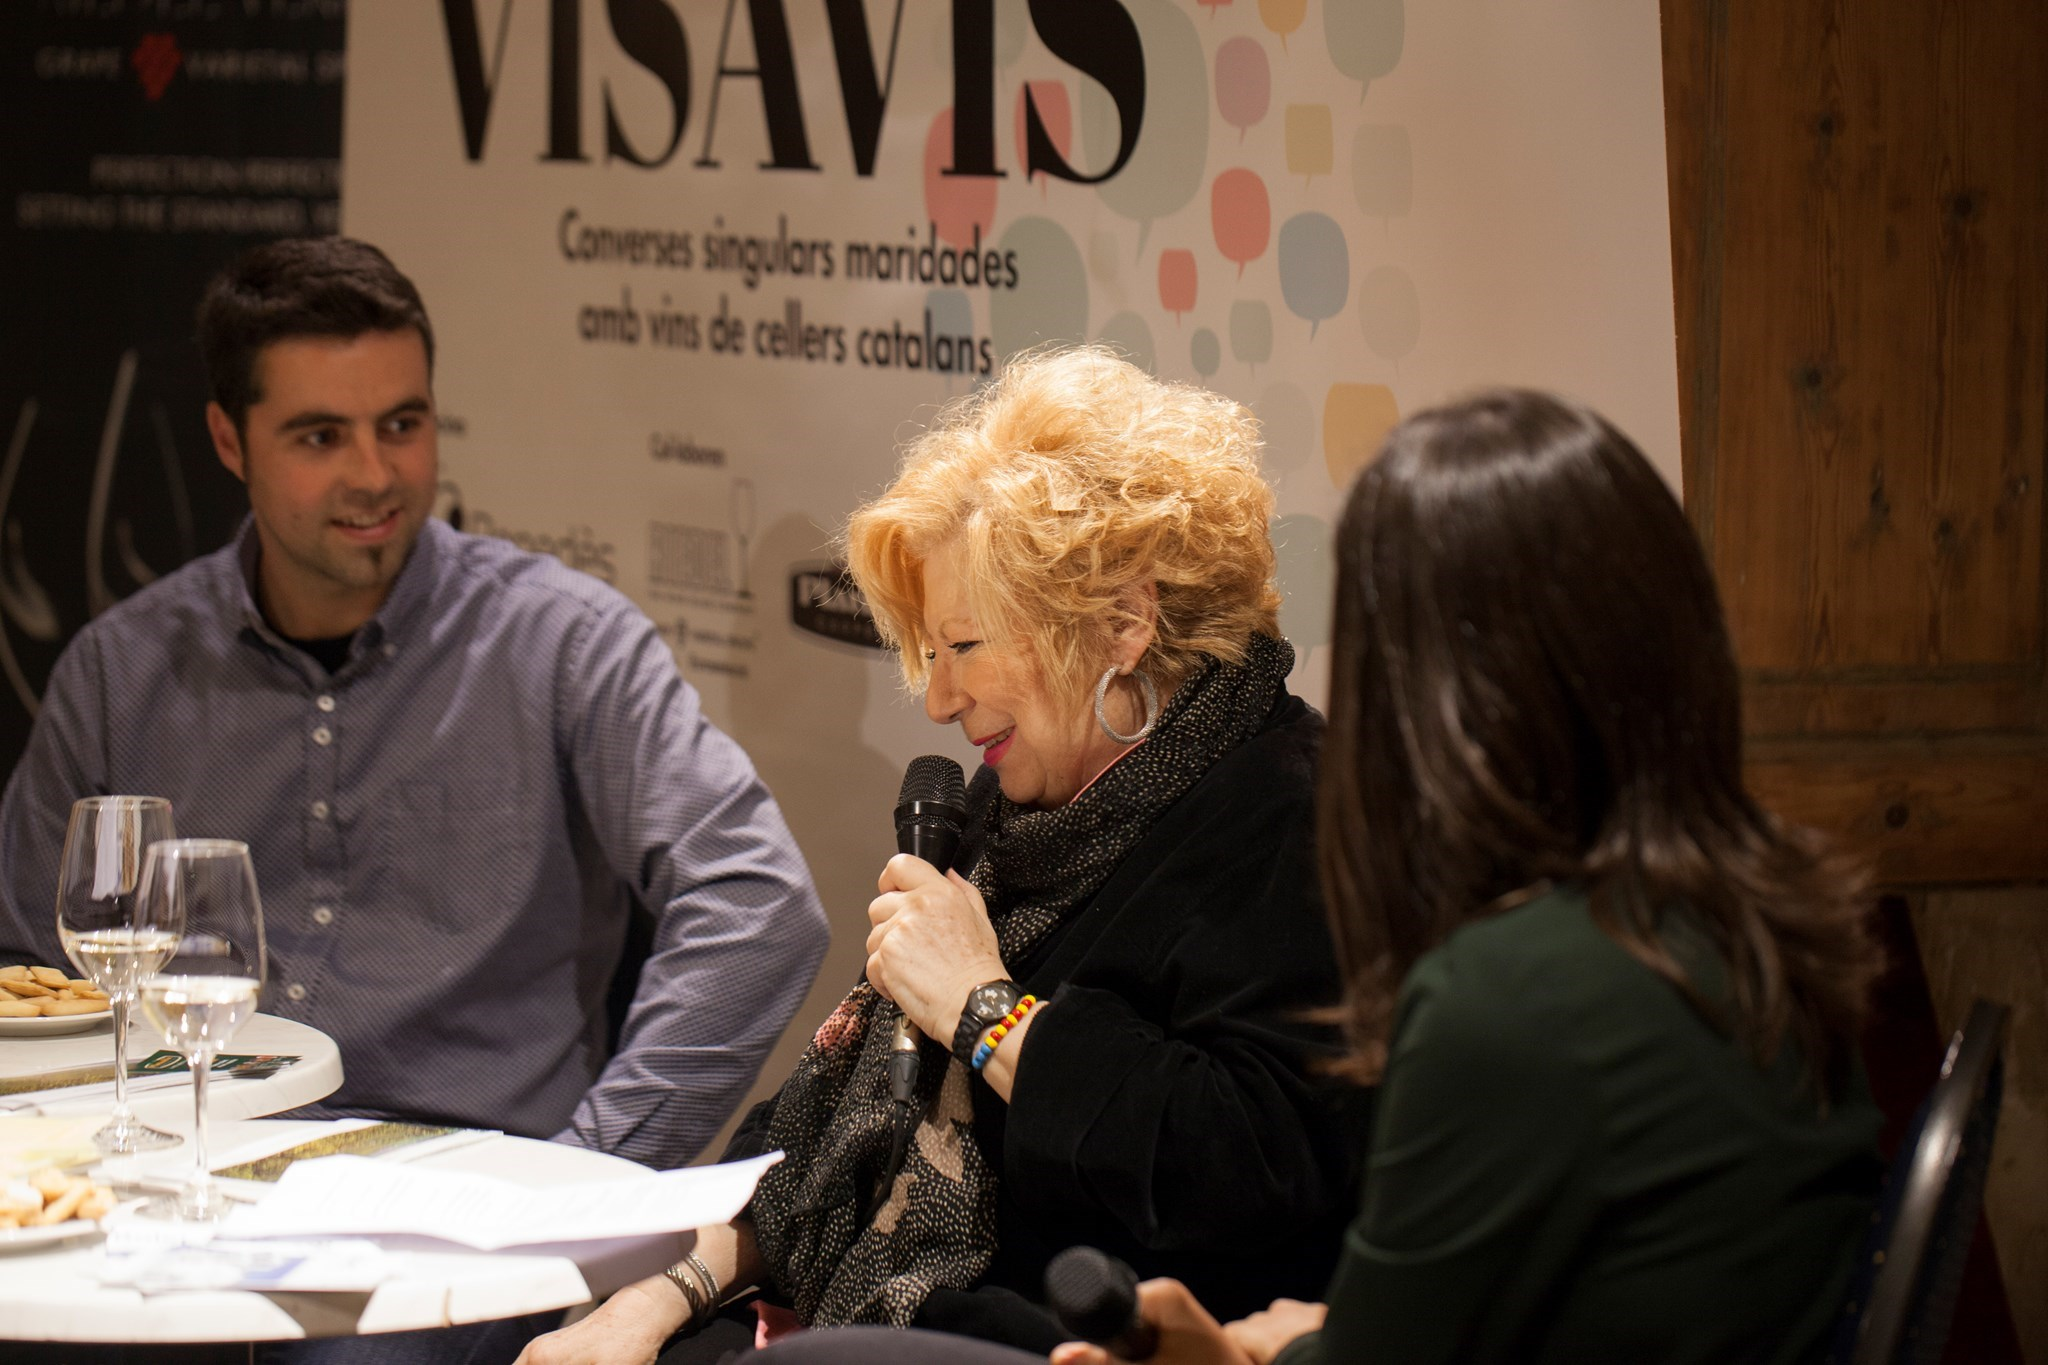 #VisàVis amb Núria Feliu i el celler Bolet